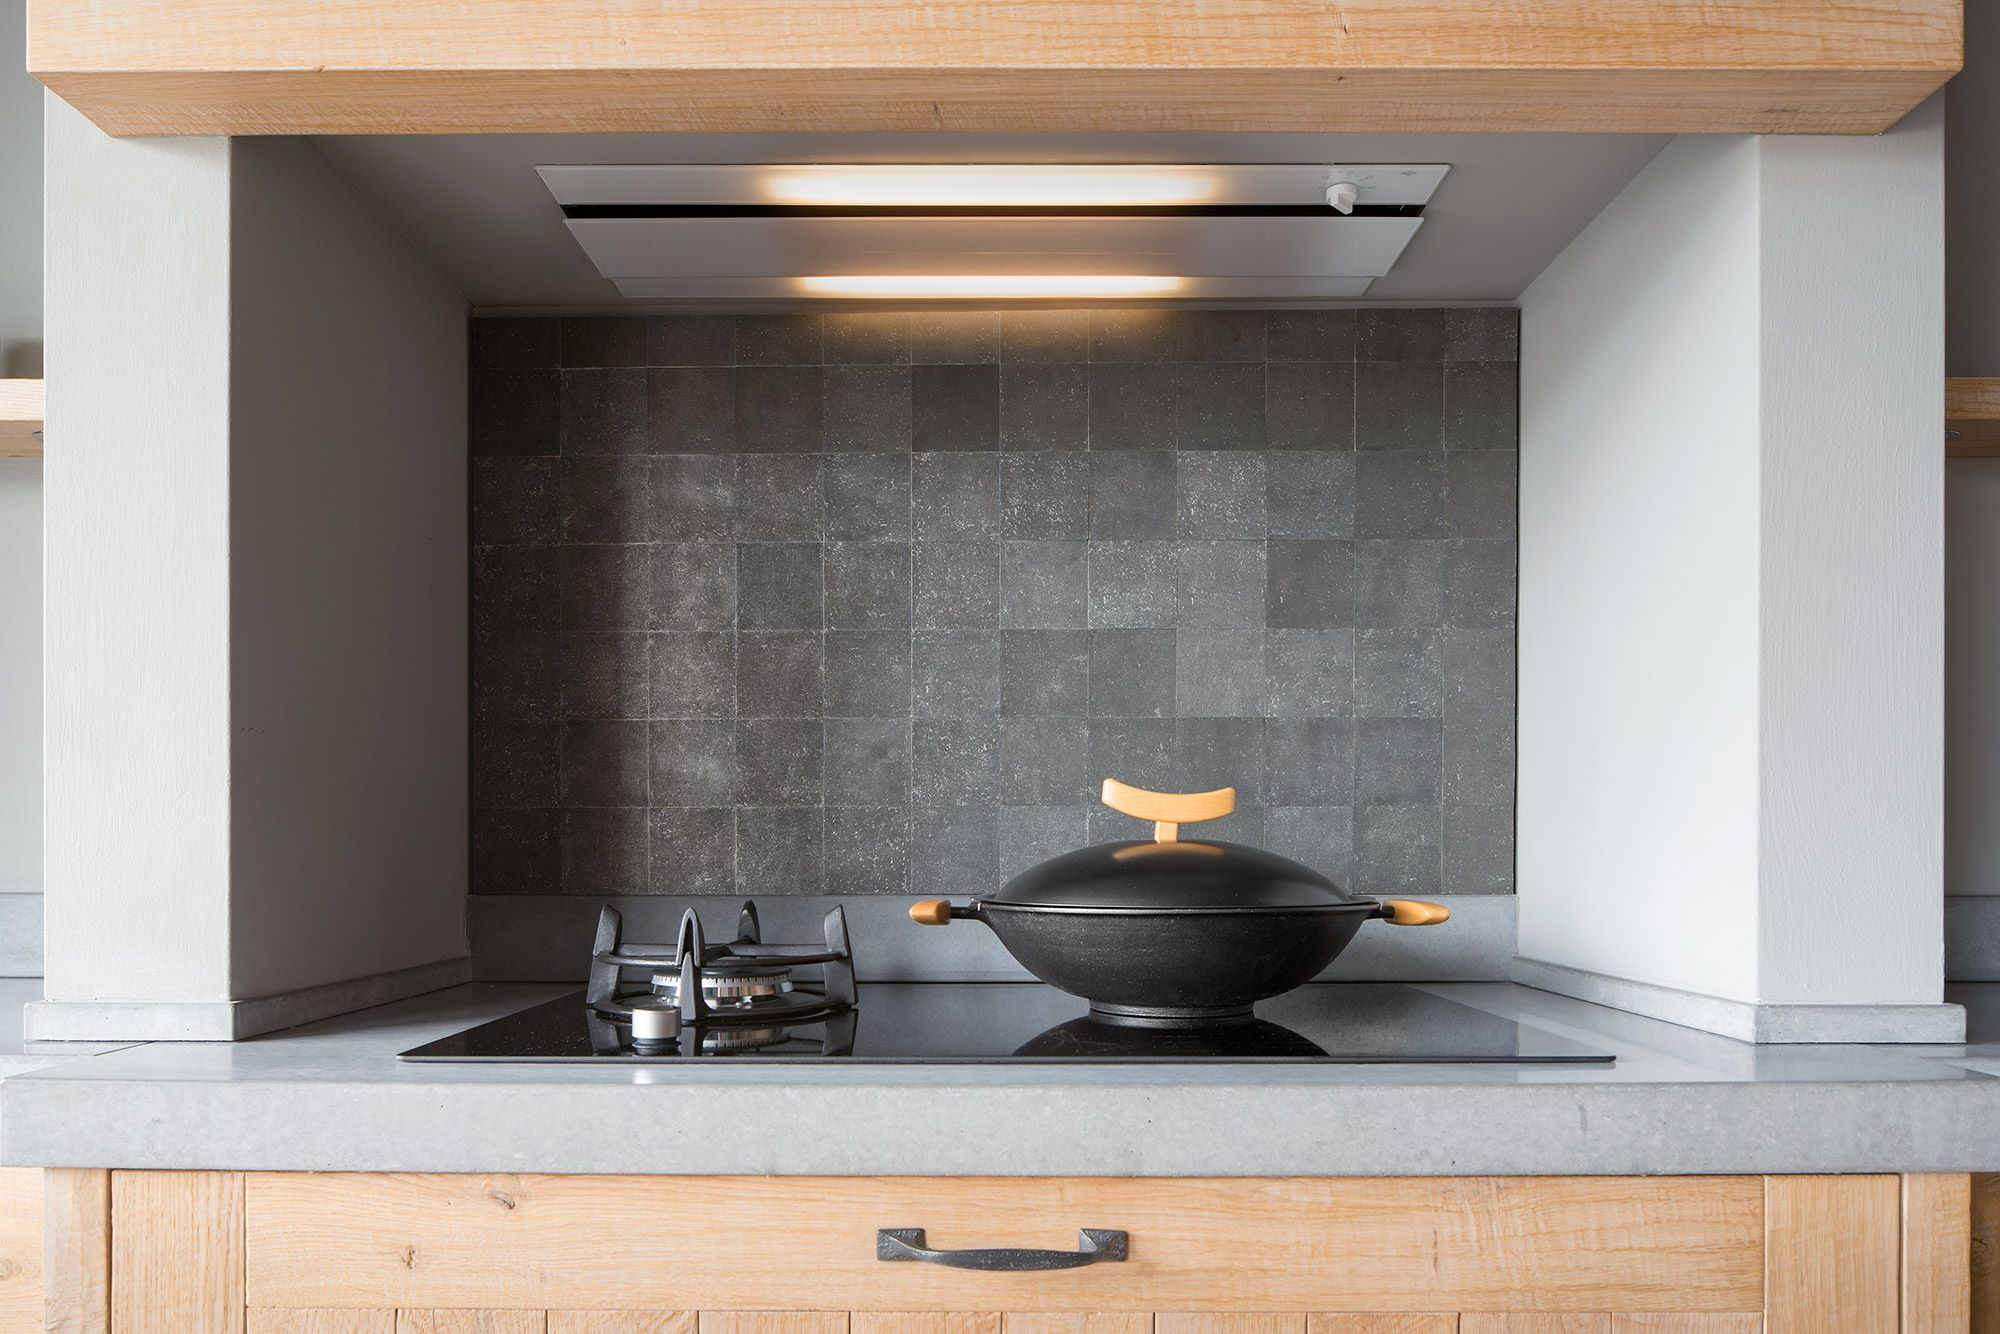 Industrieel Keuken Tegels : Deze tegels zijn onmisbaar in een industriële keuken dauby in